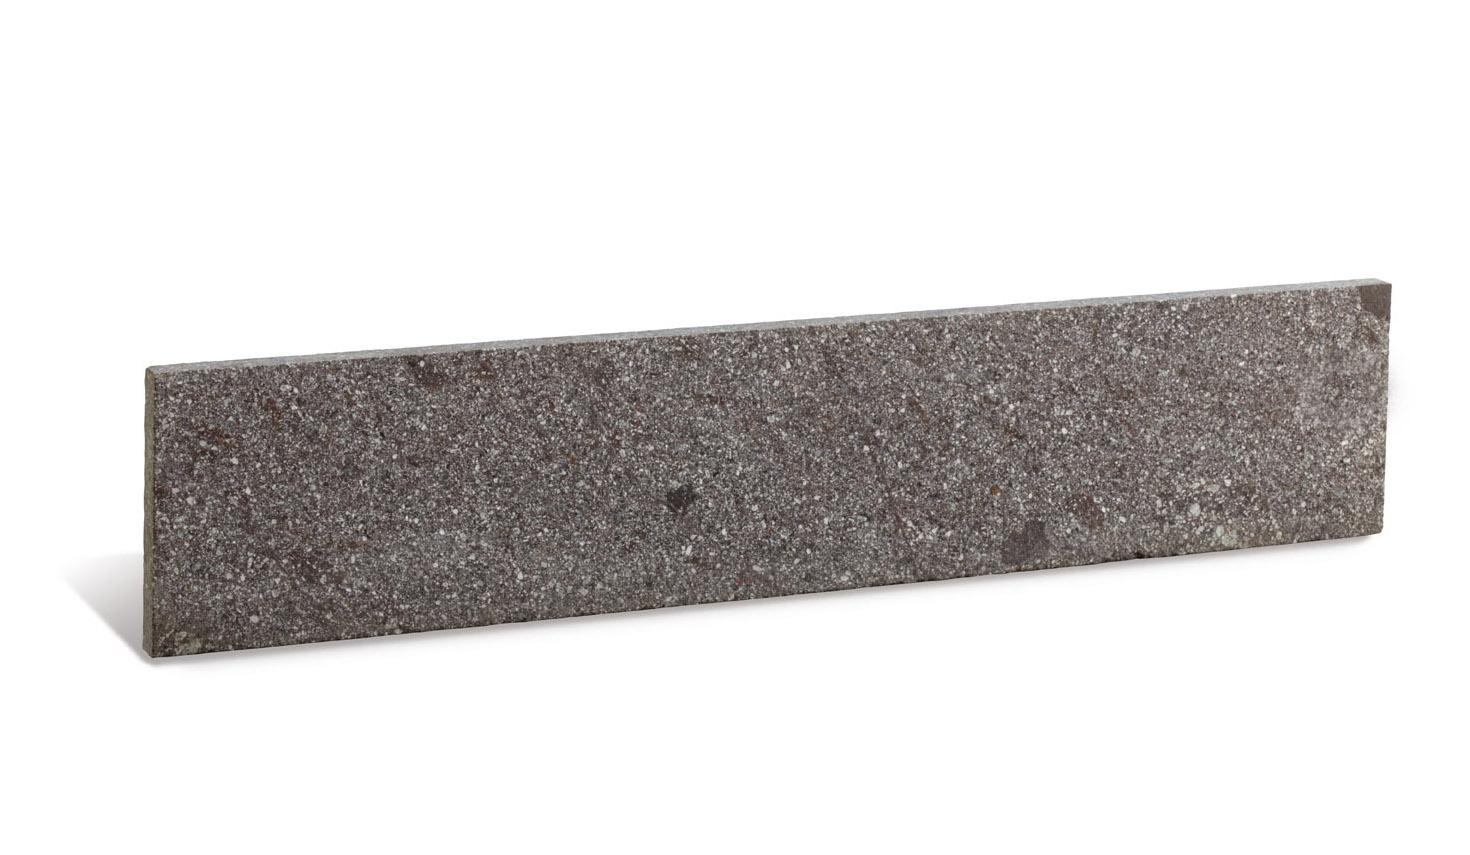 zoccolino granulati zandobbio porfido viola